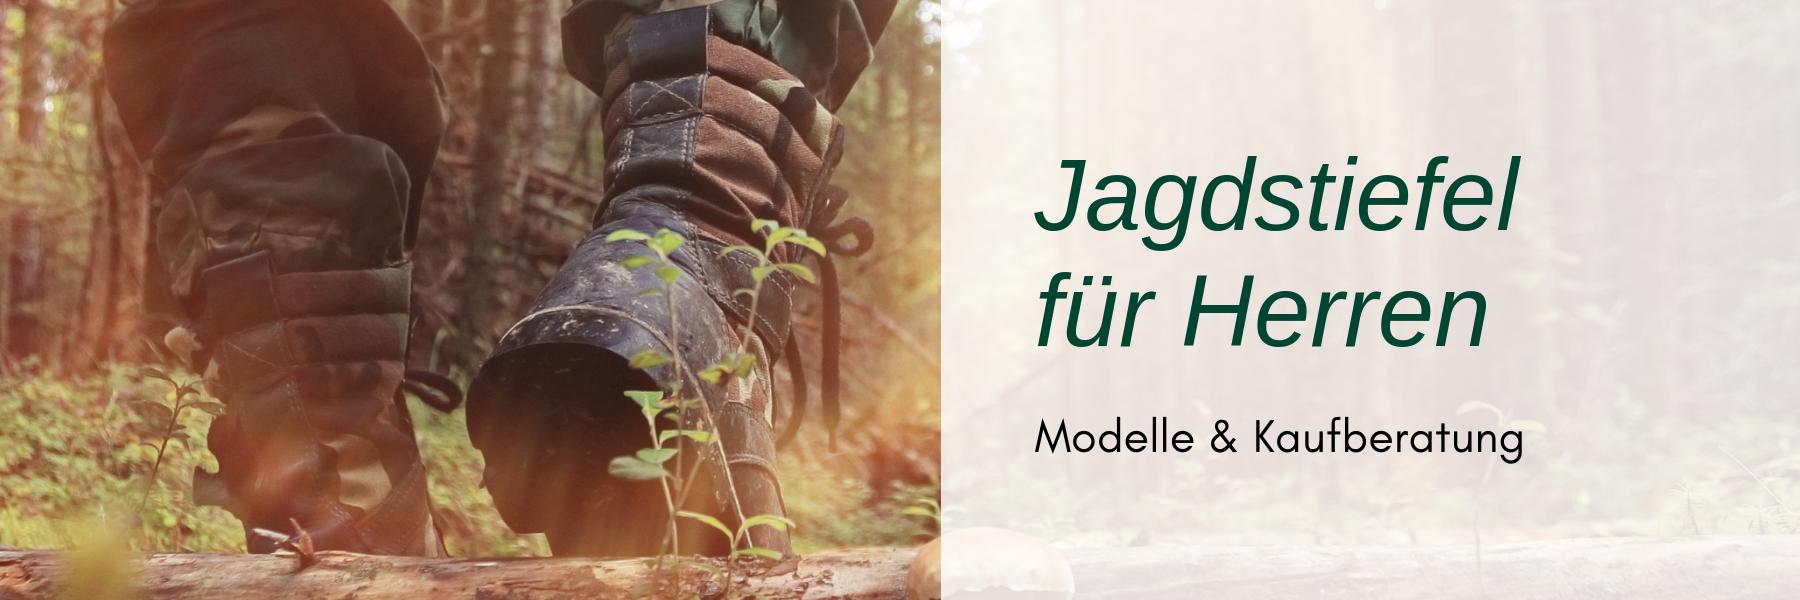 Jagdstiefel für Herren - Modelle & Kaufberatung